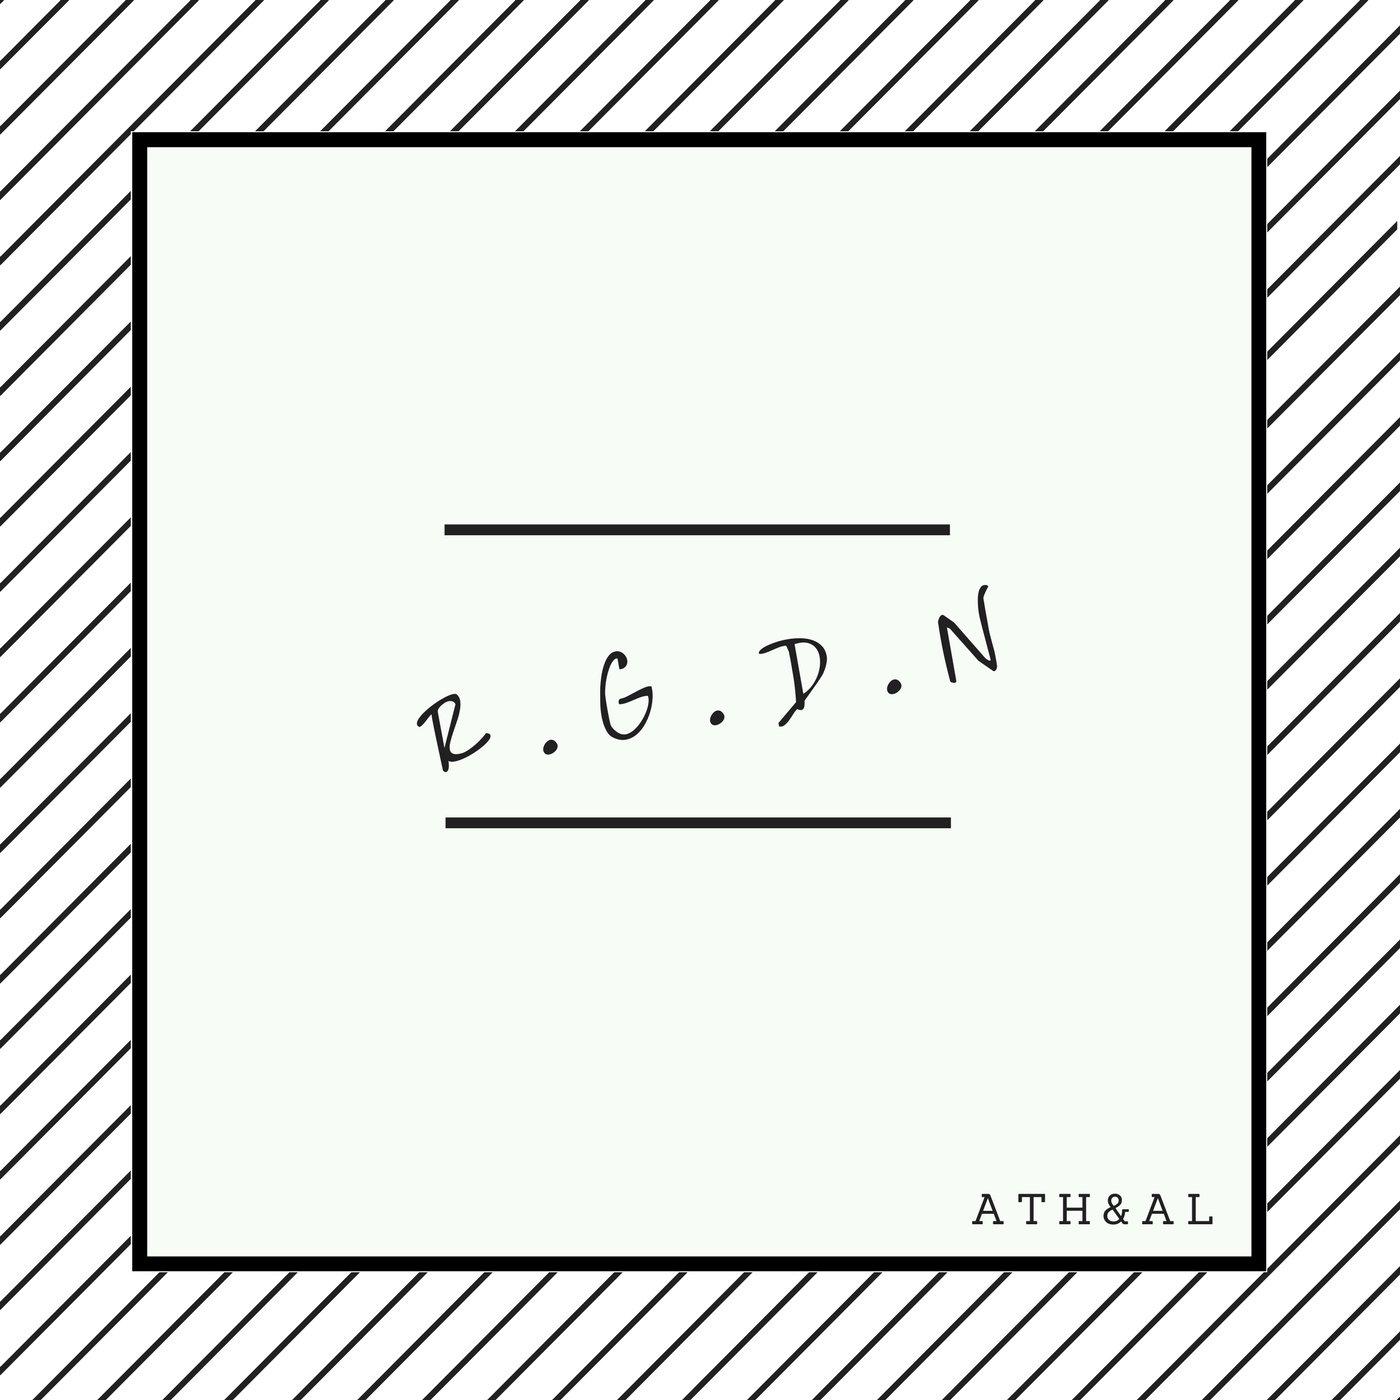 R.G.D.N music